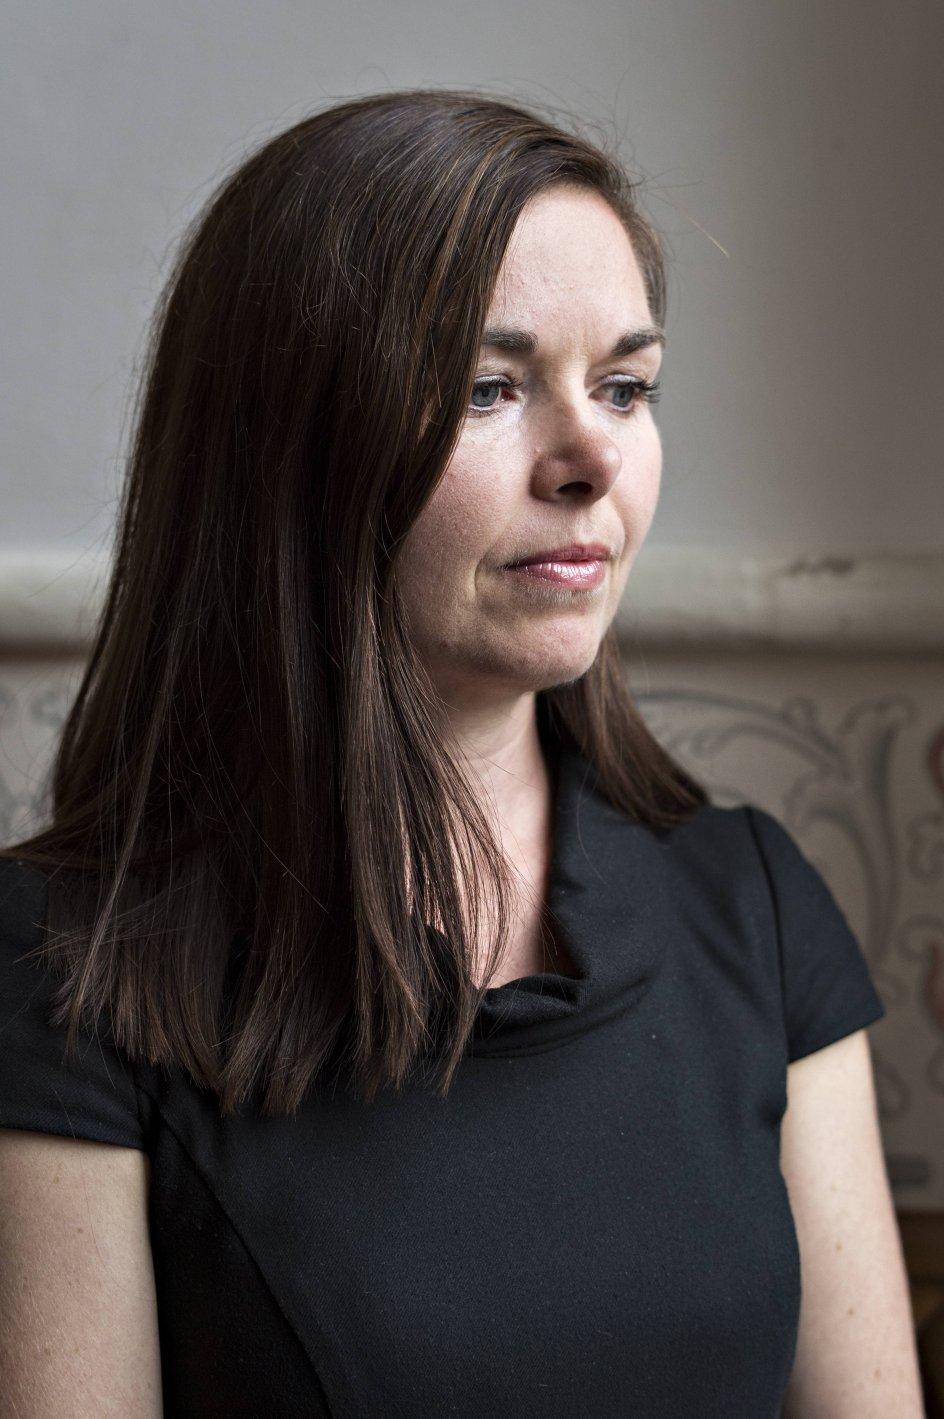 """""""Lige meget hvilken ondskab man udsættes for, er vreden for tung at bære rundt på i længden. Derfor er tilgivelse det bedste, vi kan gøre for os selv og for andre,"""" siger Louise Schack Elholm, der som barn var udsat for mobning. –"""